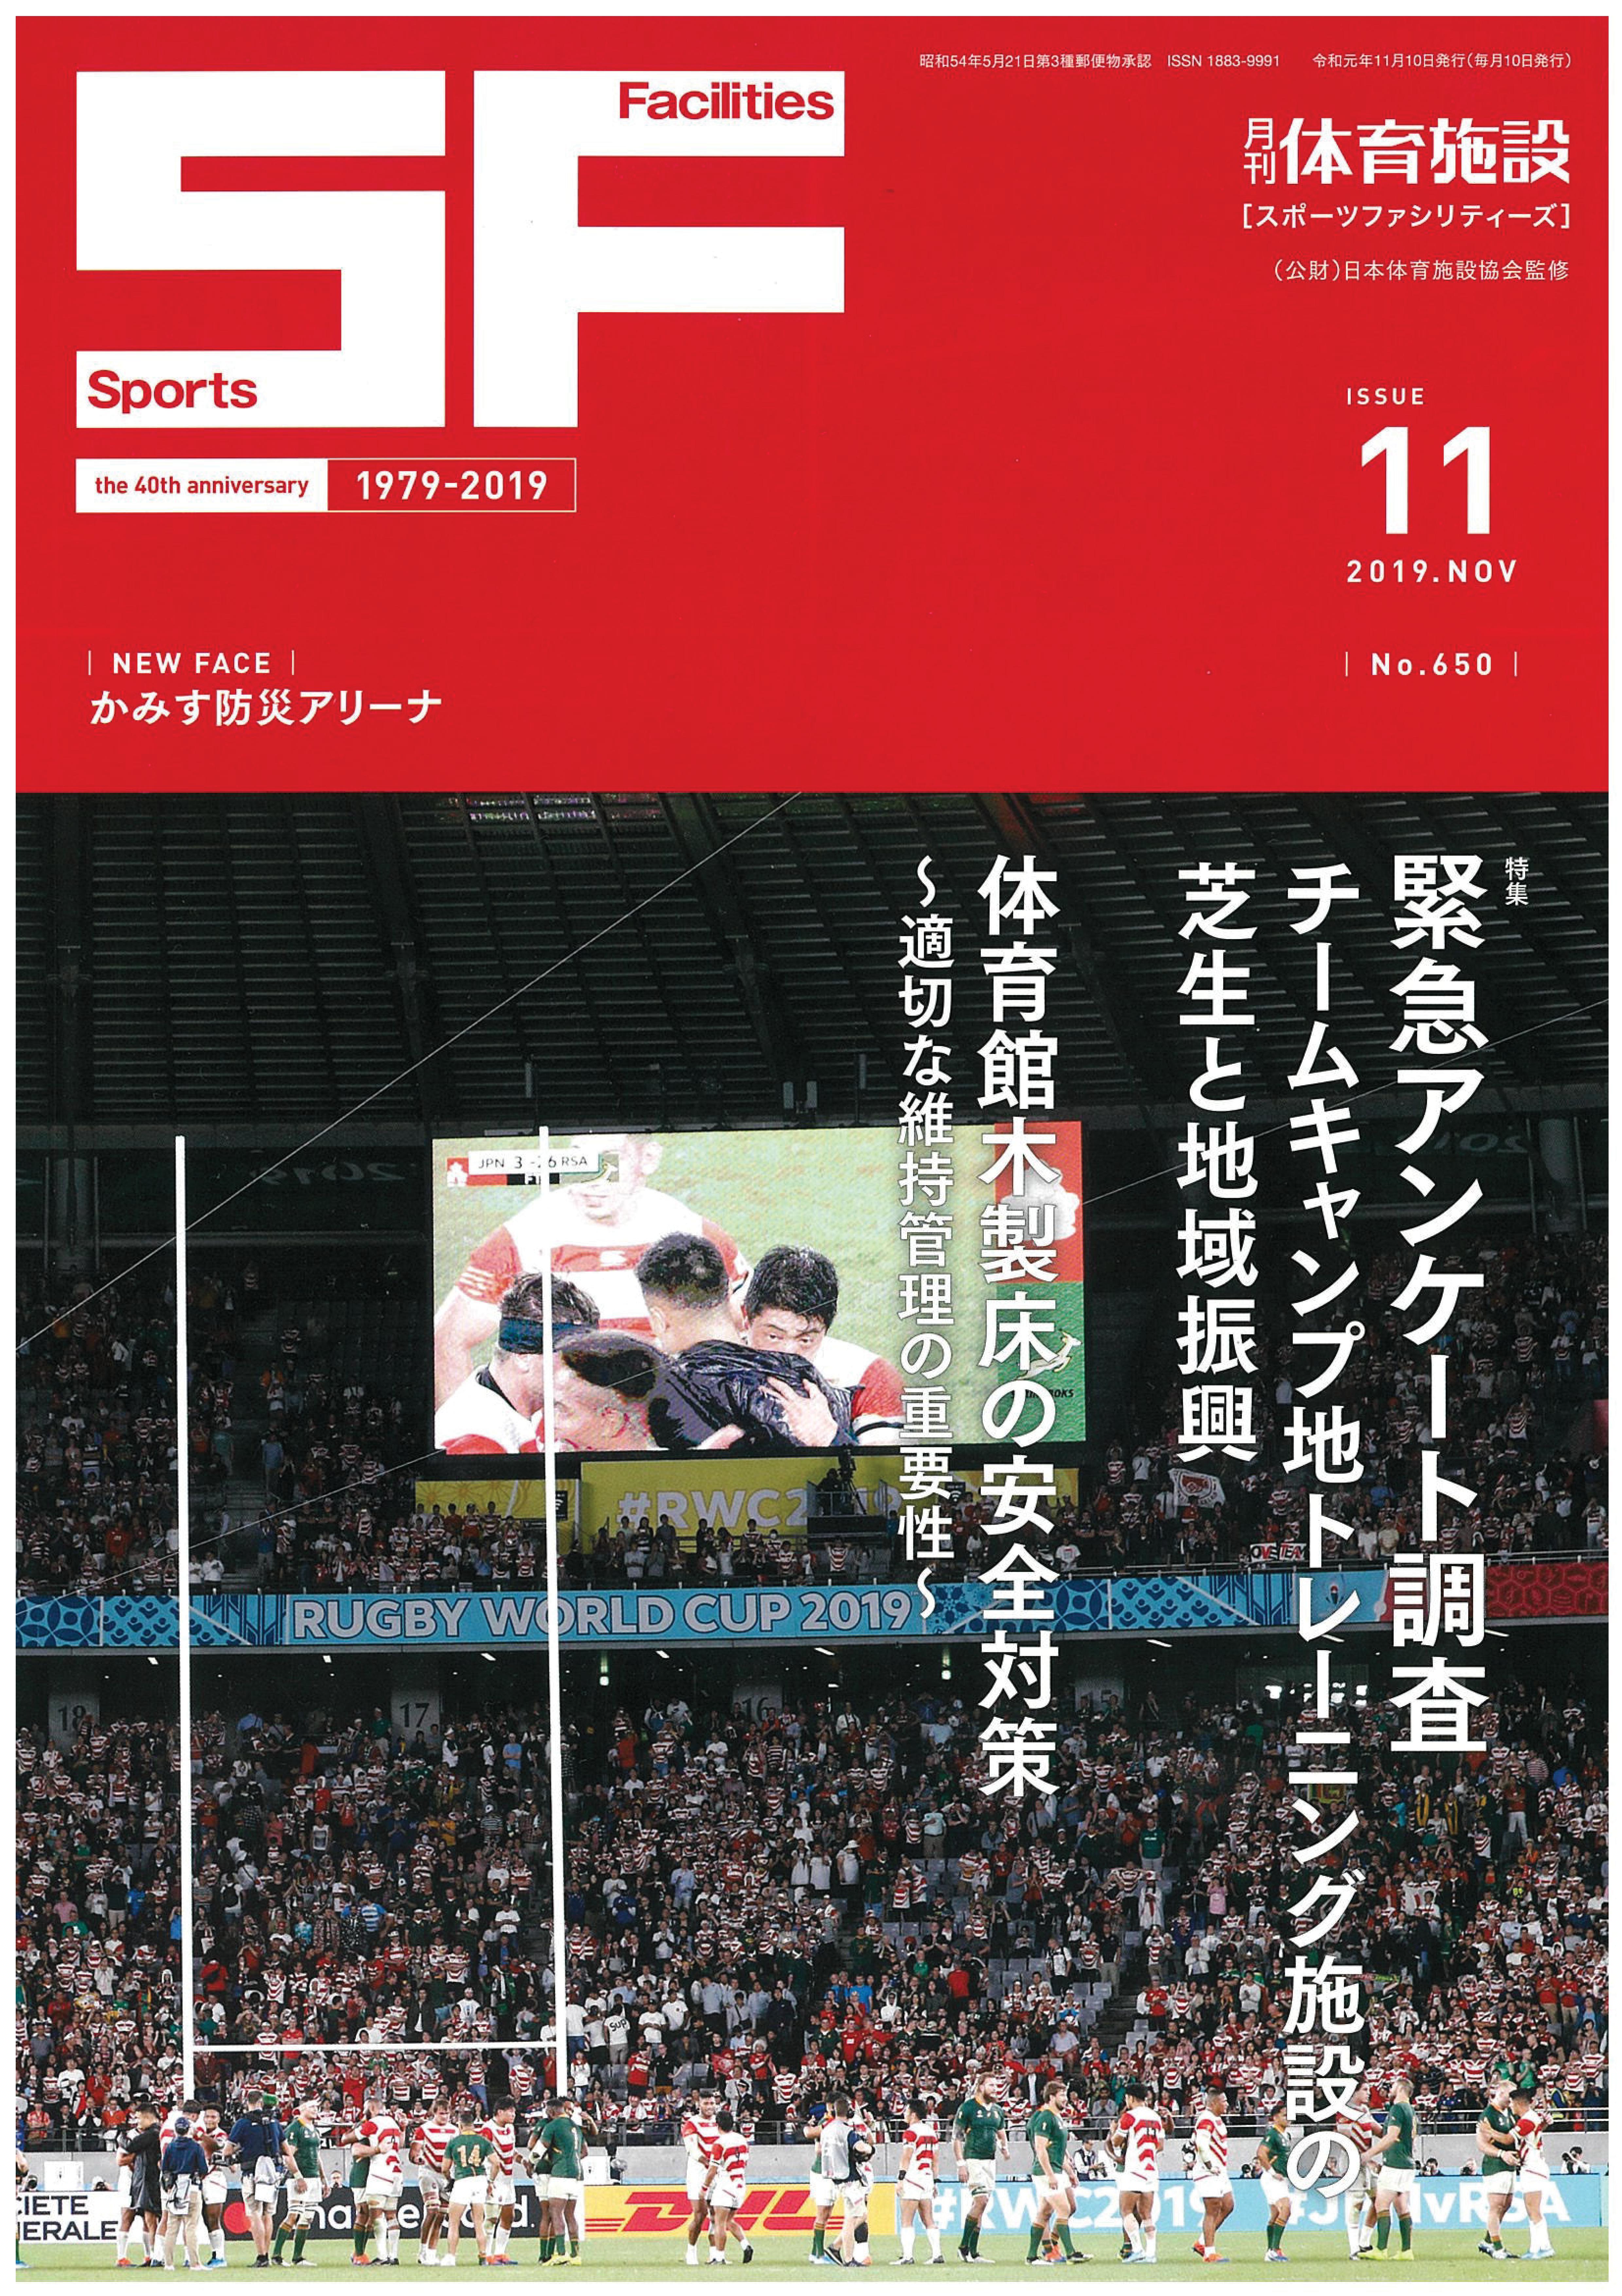 月間体育施設11月号広告のみ-001